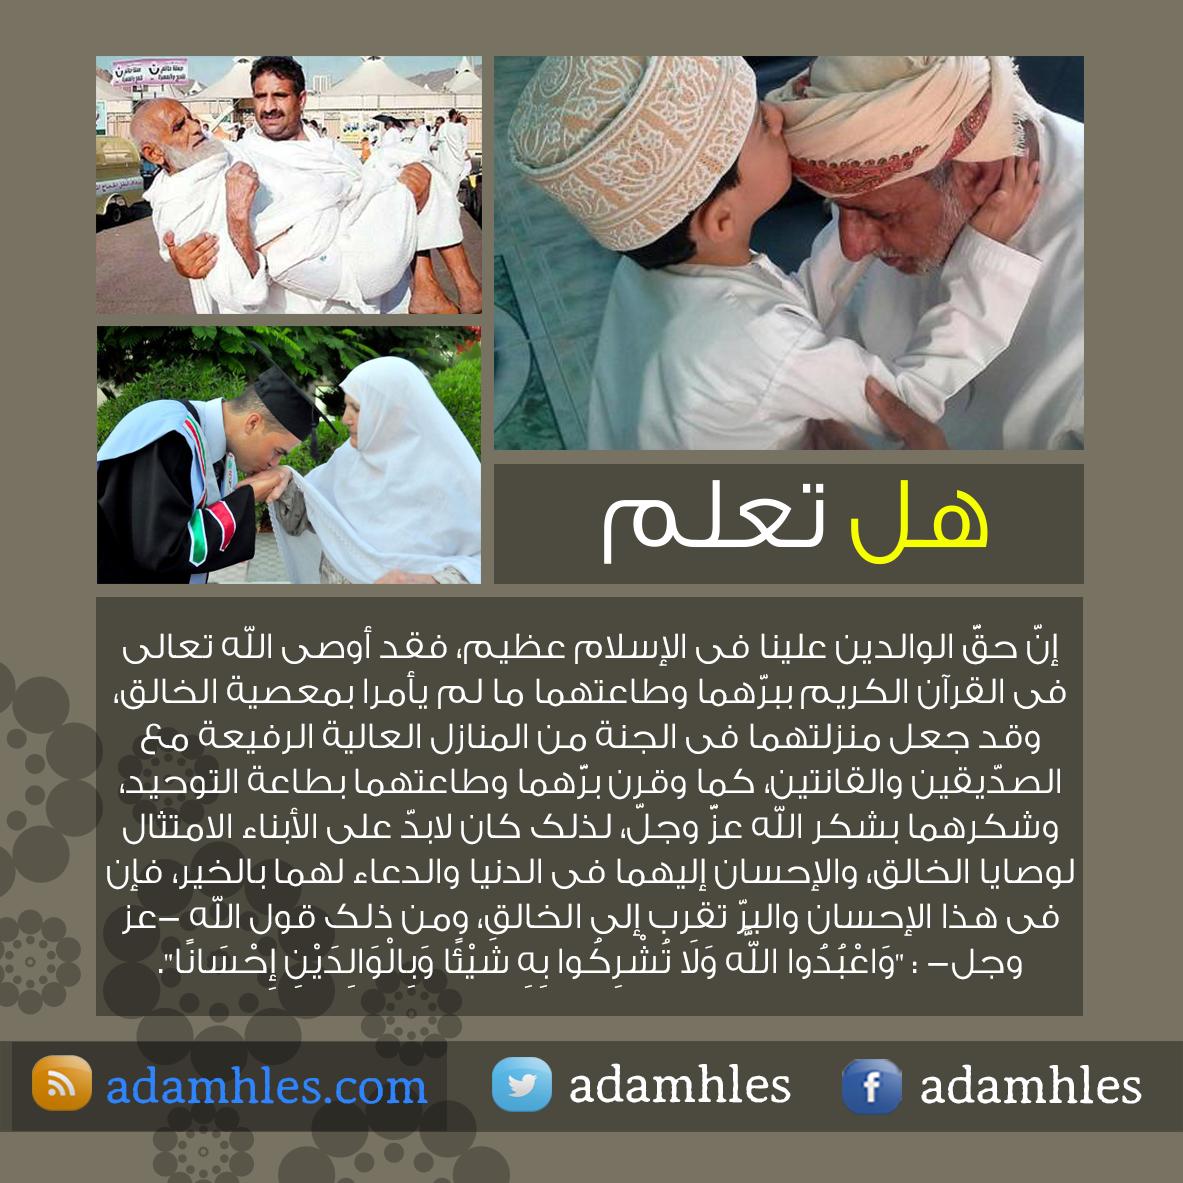 المصمم ادم حلس هل تعلم بر الوالدين Quotations Quotes Islam